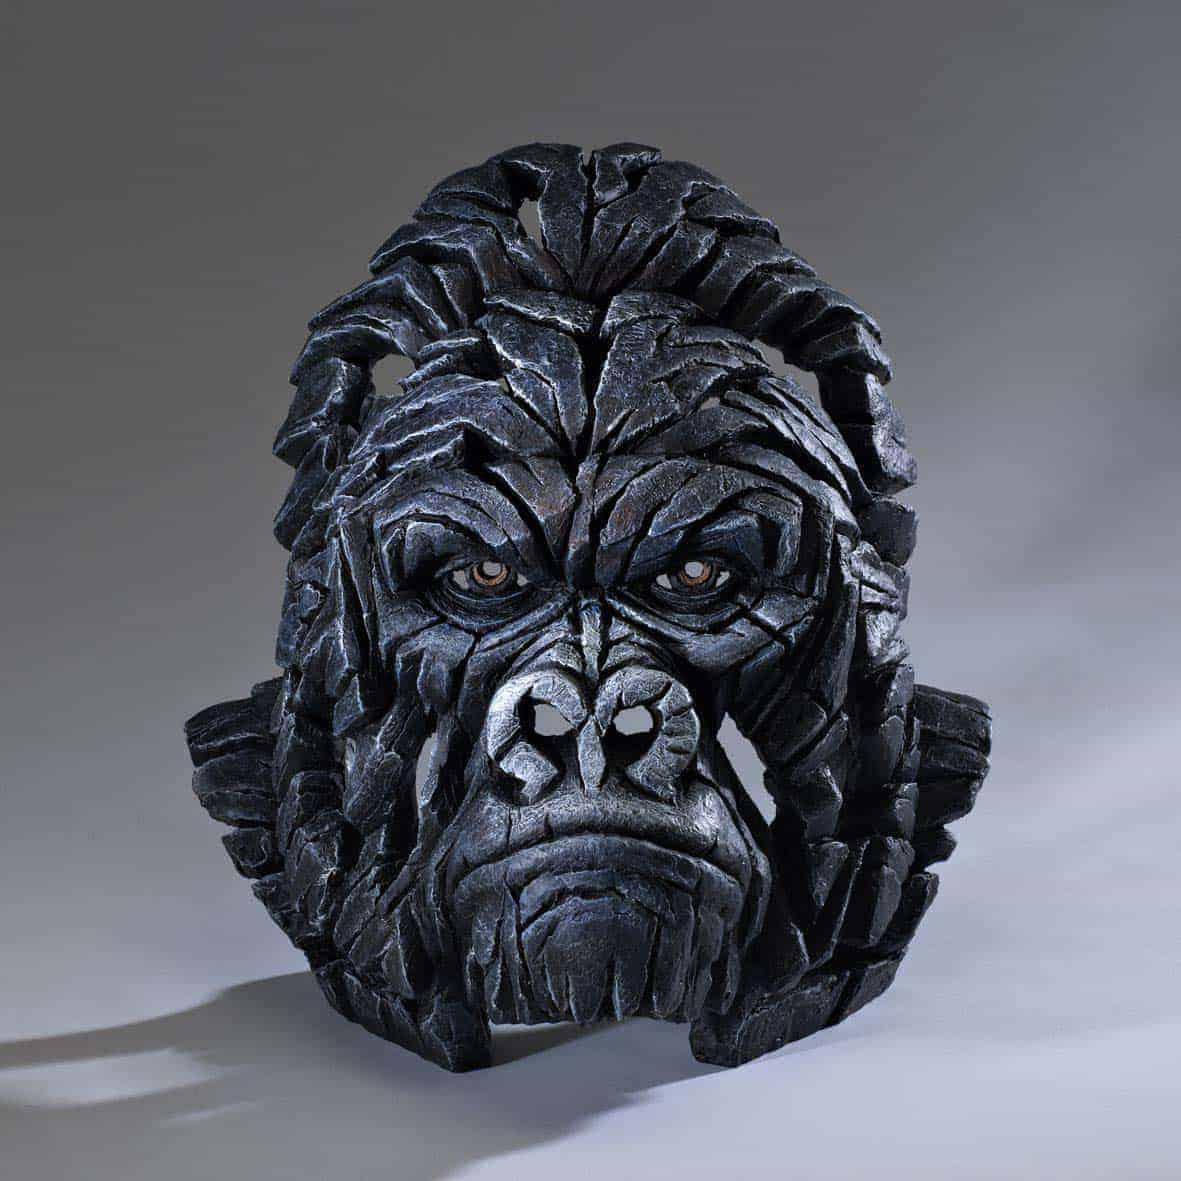 Gorilla Figure